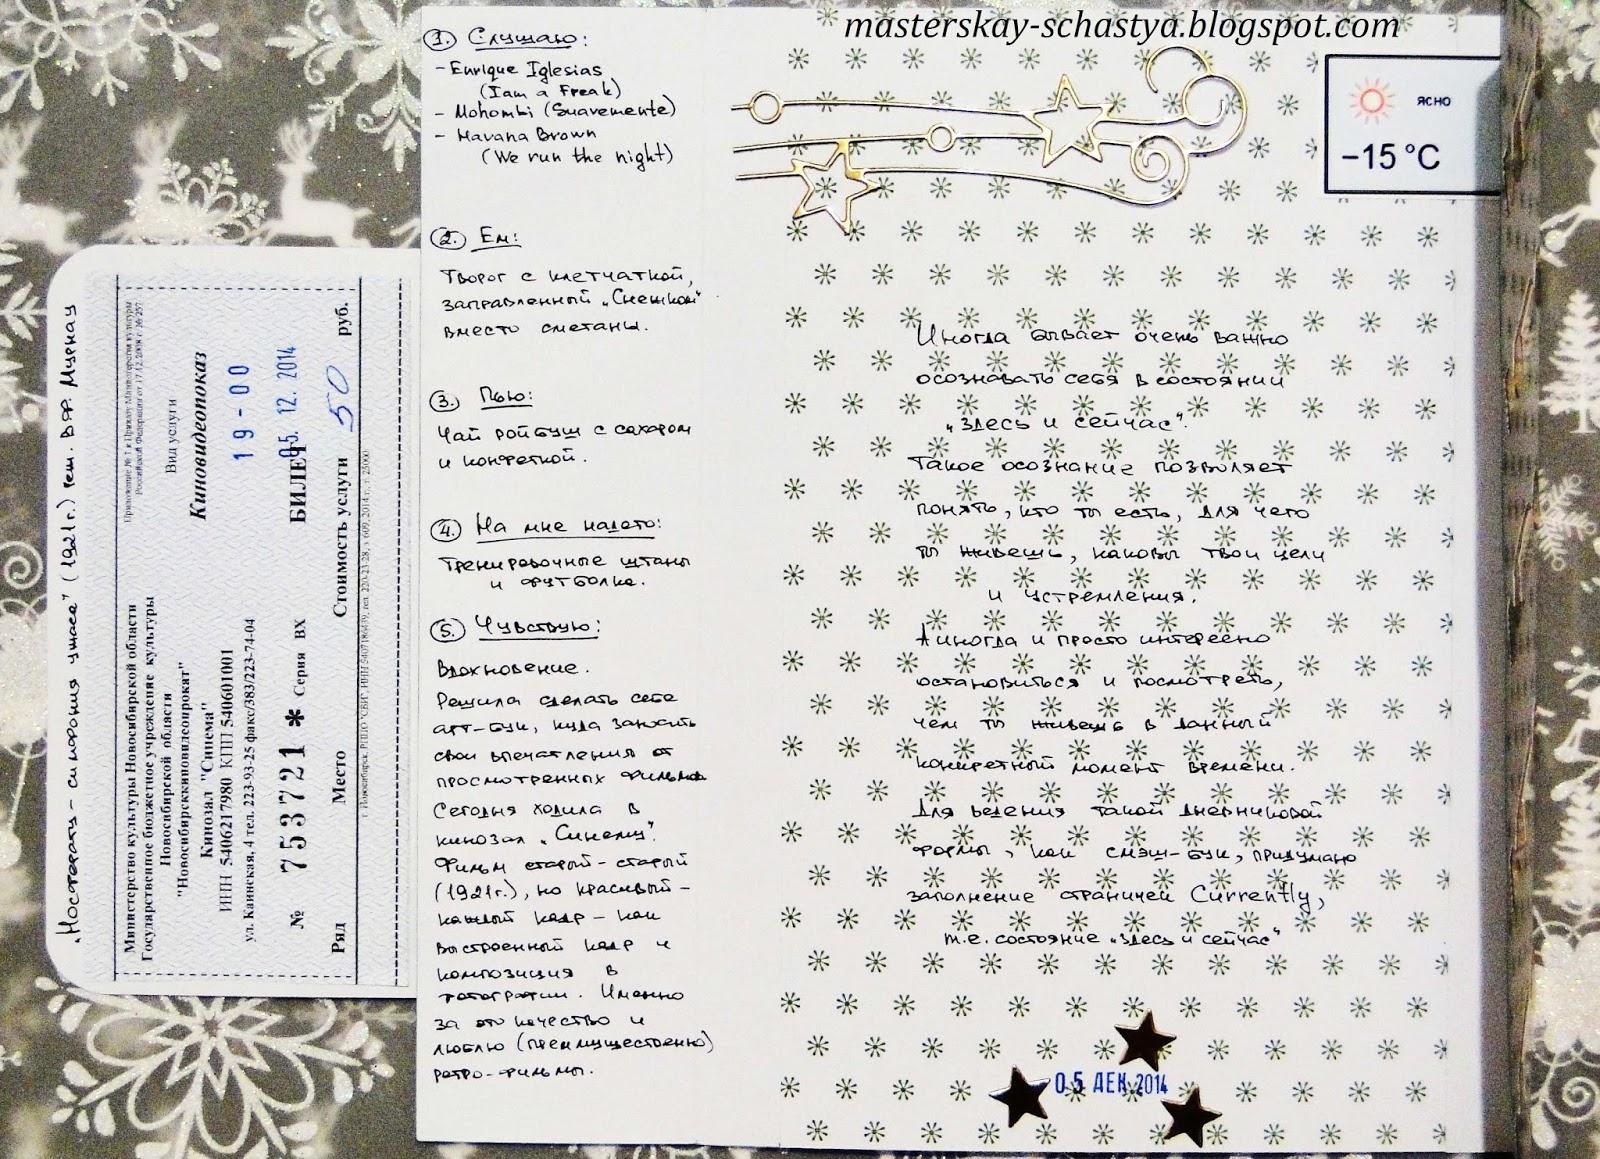 http://masterskay-schastya.blogspot.com/2014/12/DecemberDaily5.html